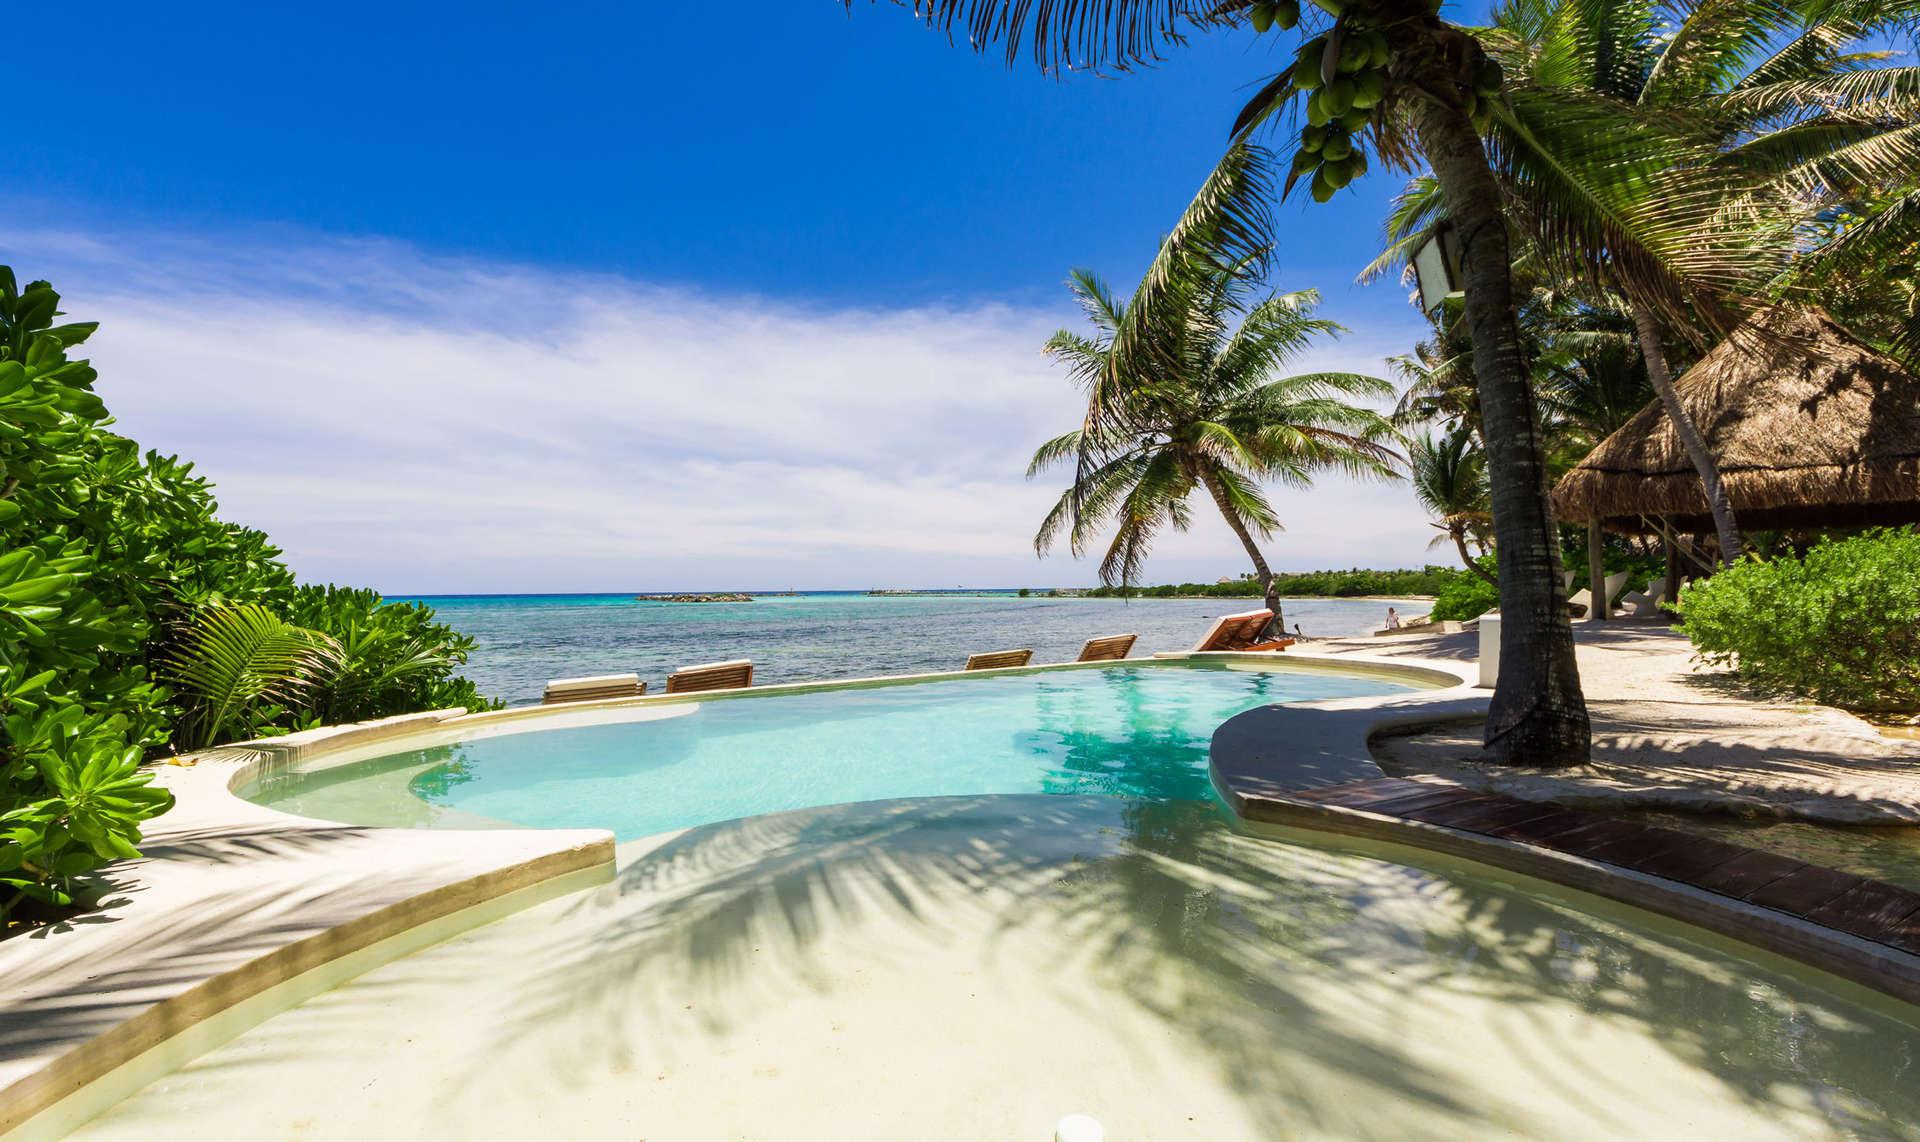 Luxury vacation rentals mexico - Riviera maya - Puerto aventuras - Casa del Agua - Image 1/18